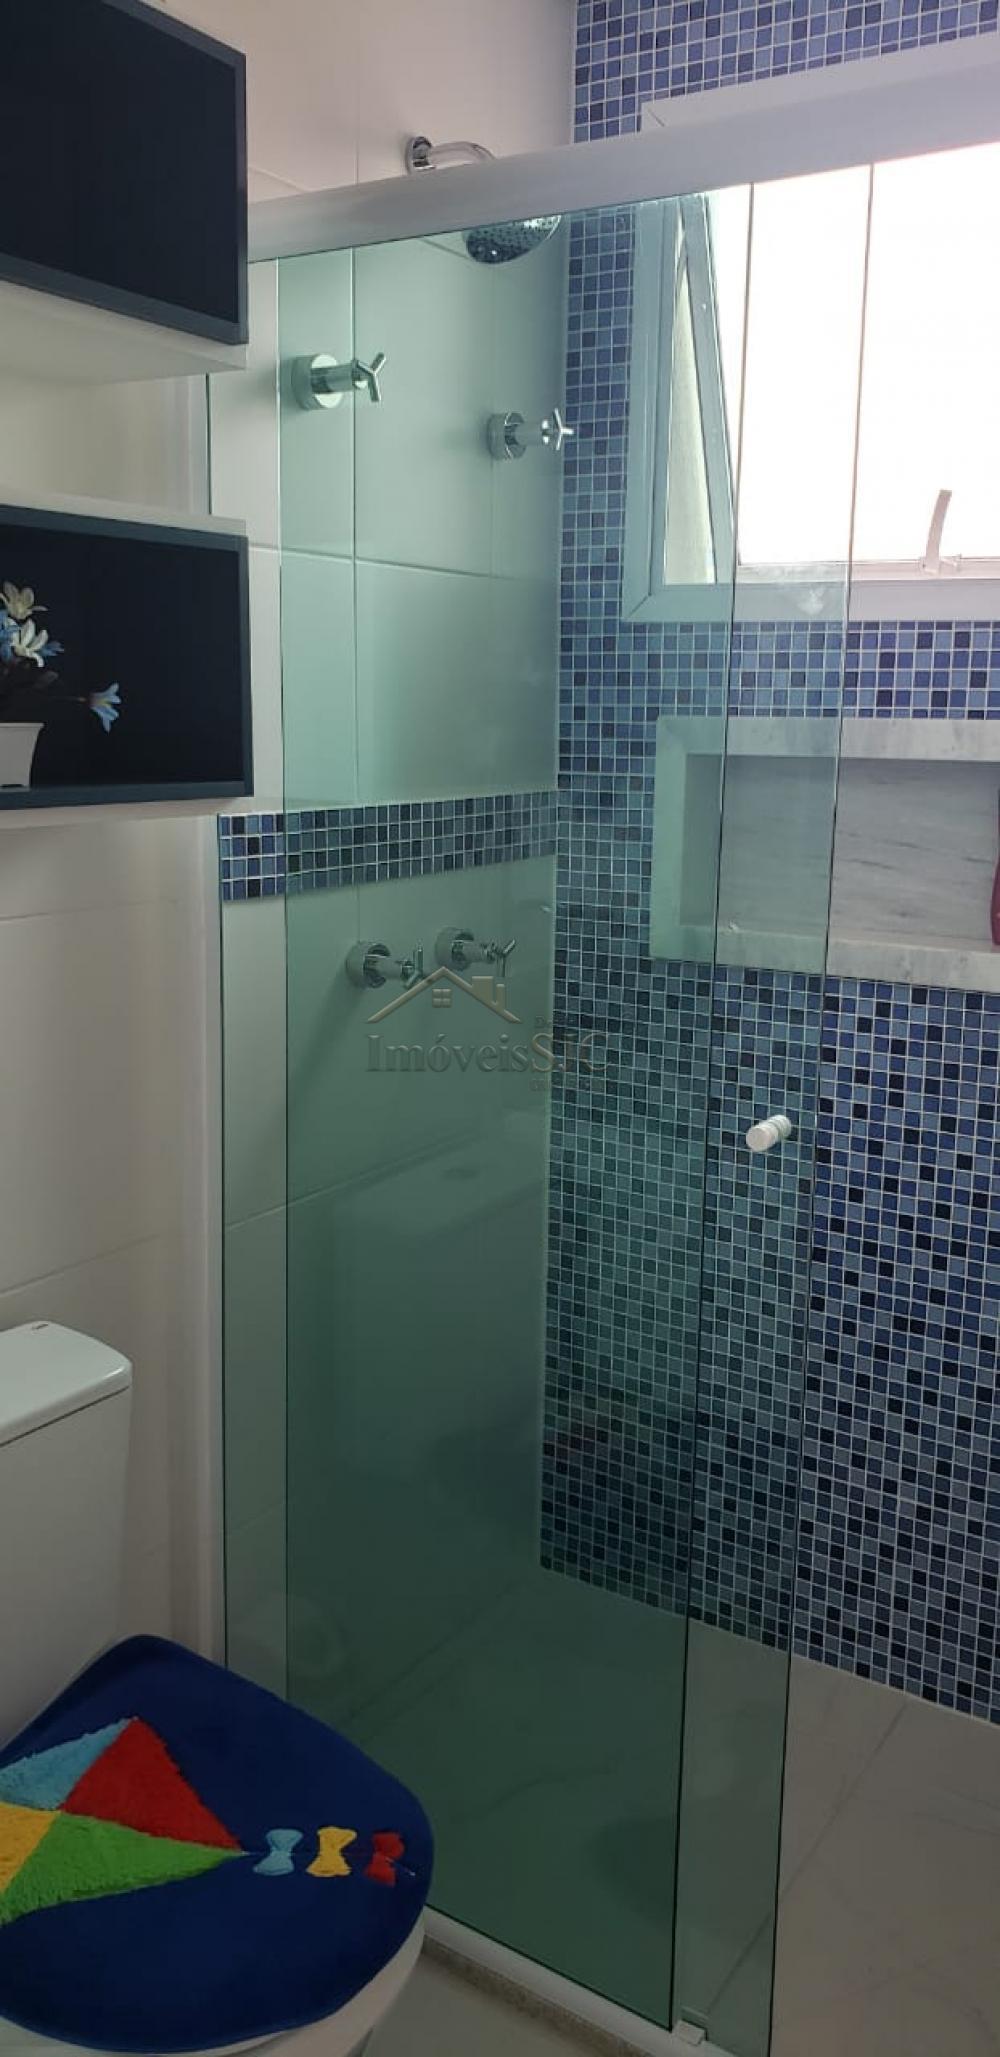 Comprar Apartamentos / Padrão em São José dos Campos apenas R$ 1.200.000,00 - Foto 17